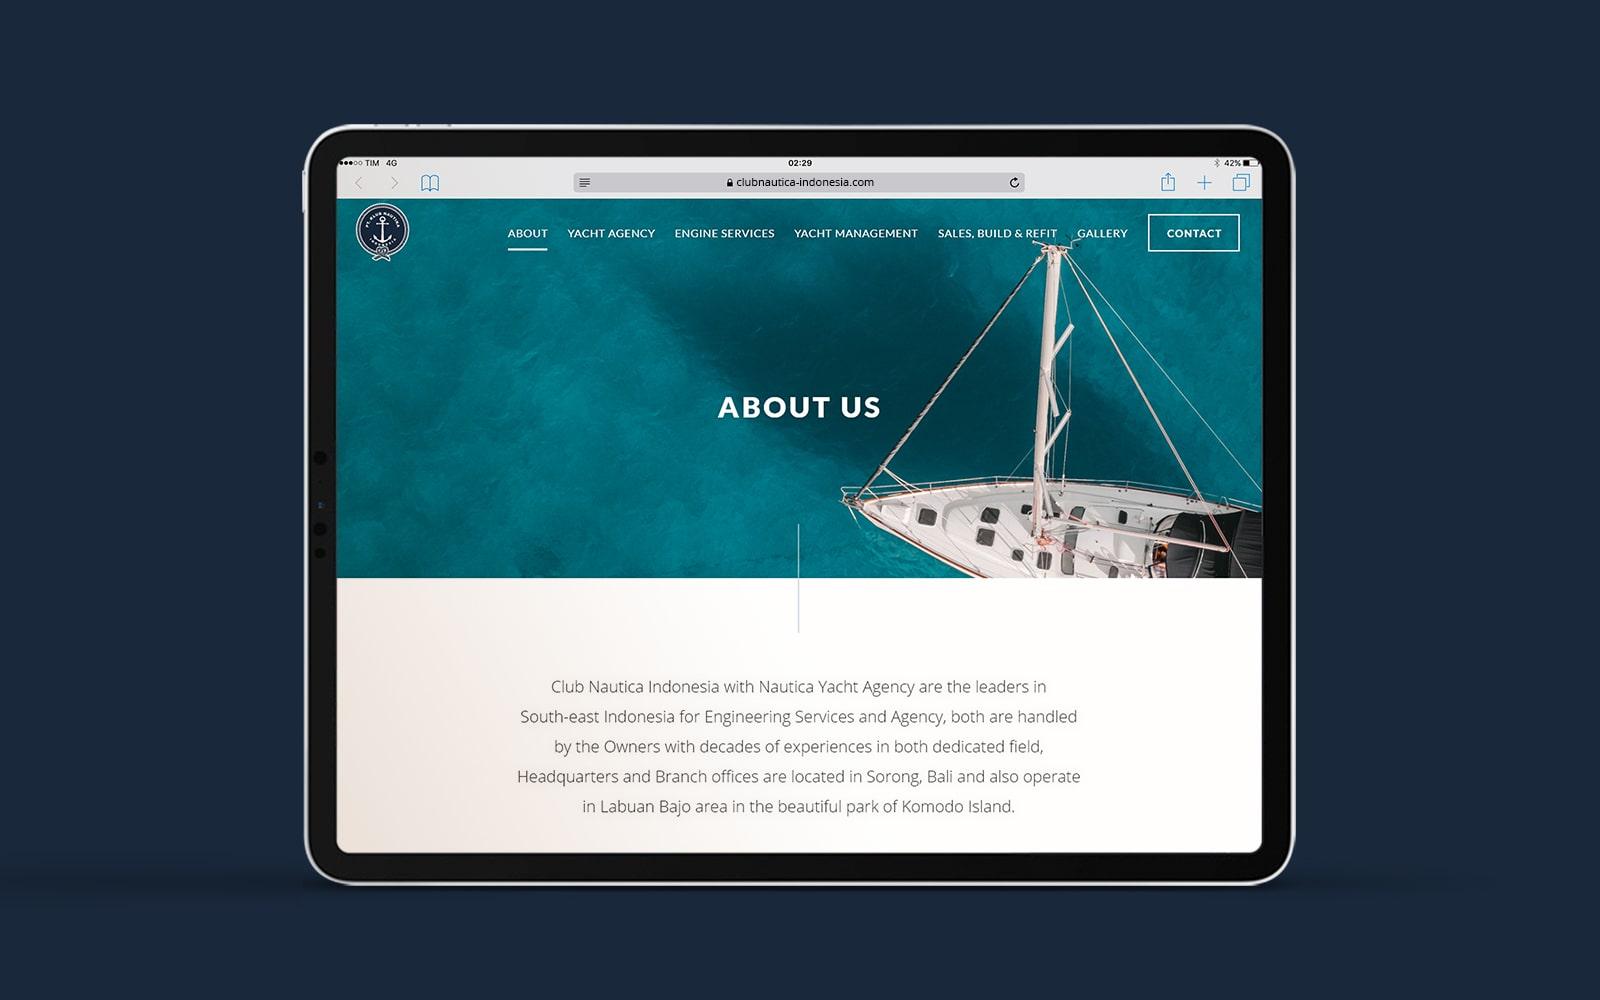 Club Nautica Indonesia